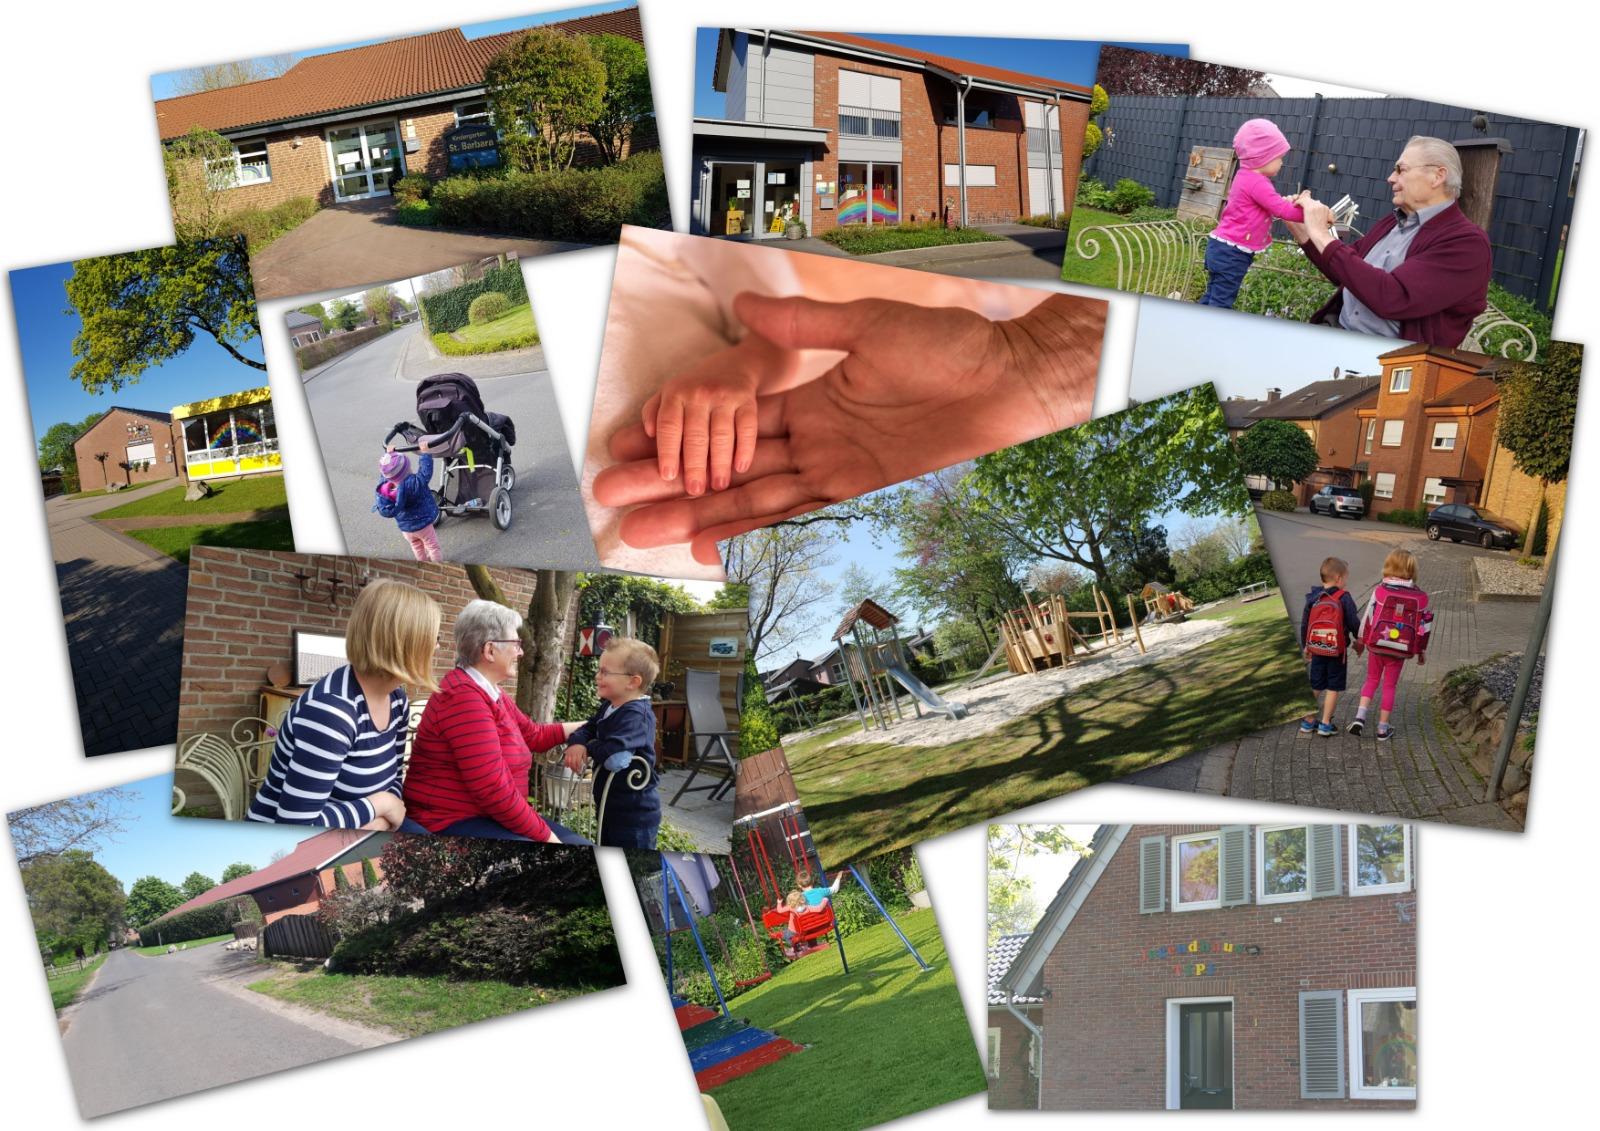 Familienfreundlichkeit erhöhen Kapitelbild